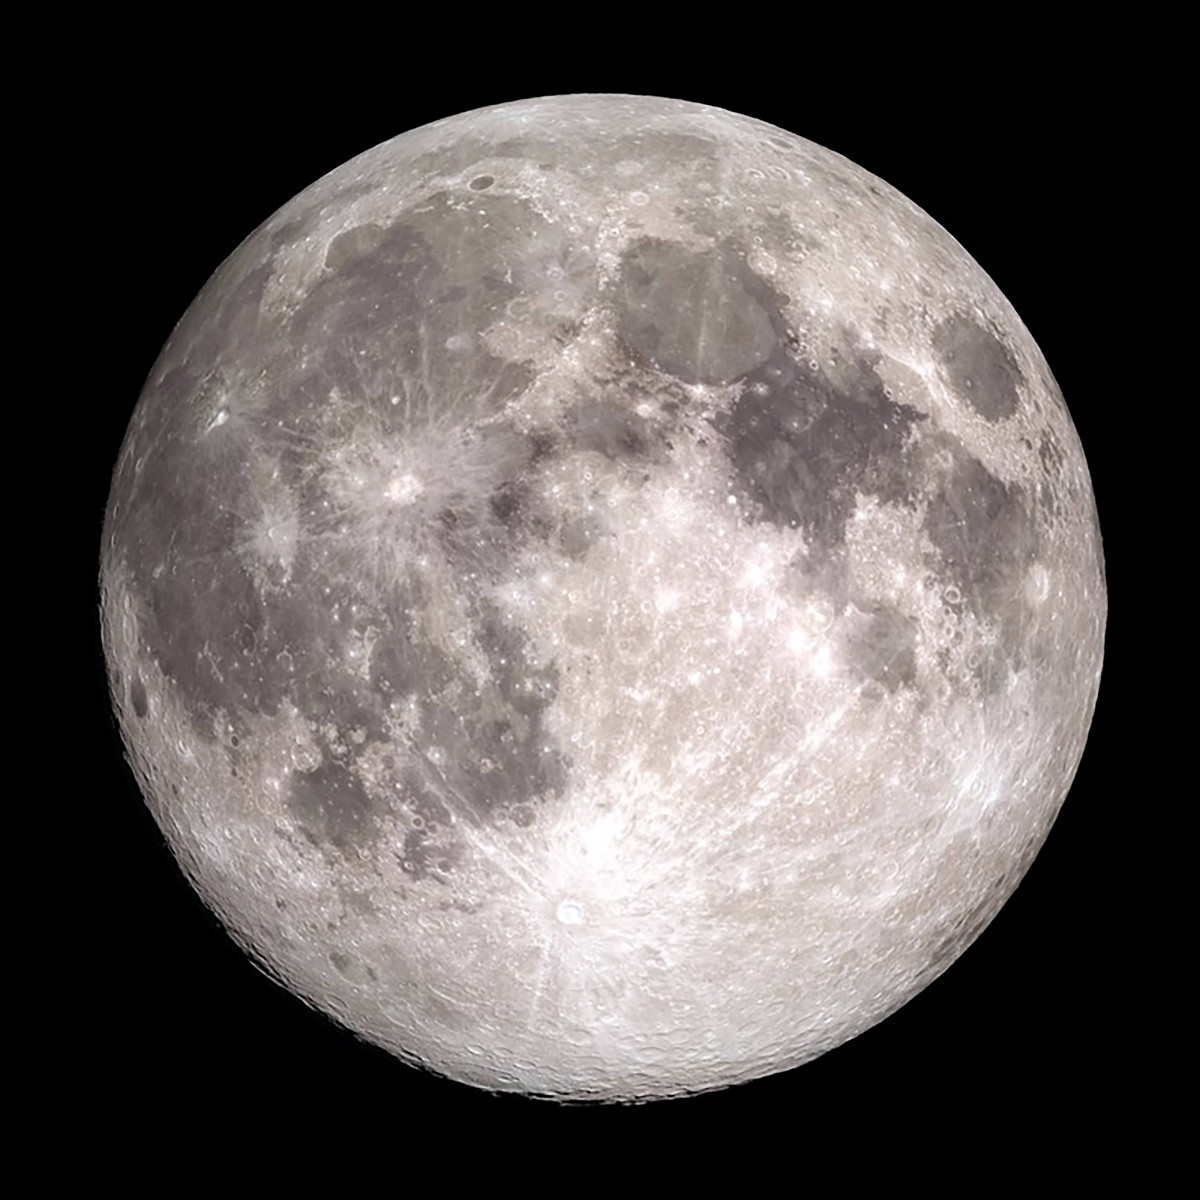 2017 nasa moon phase today - photo #11